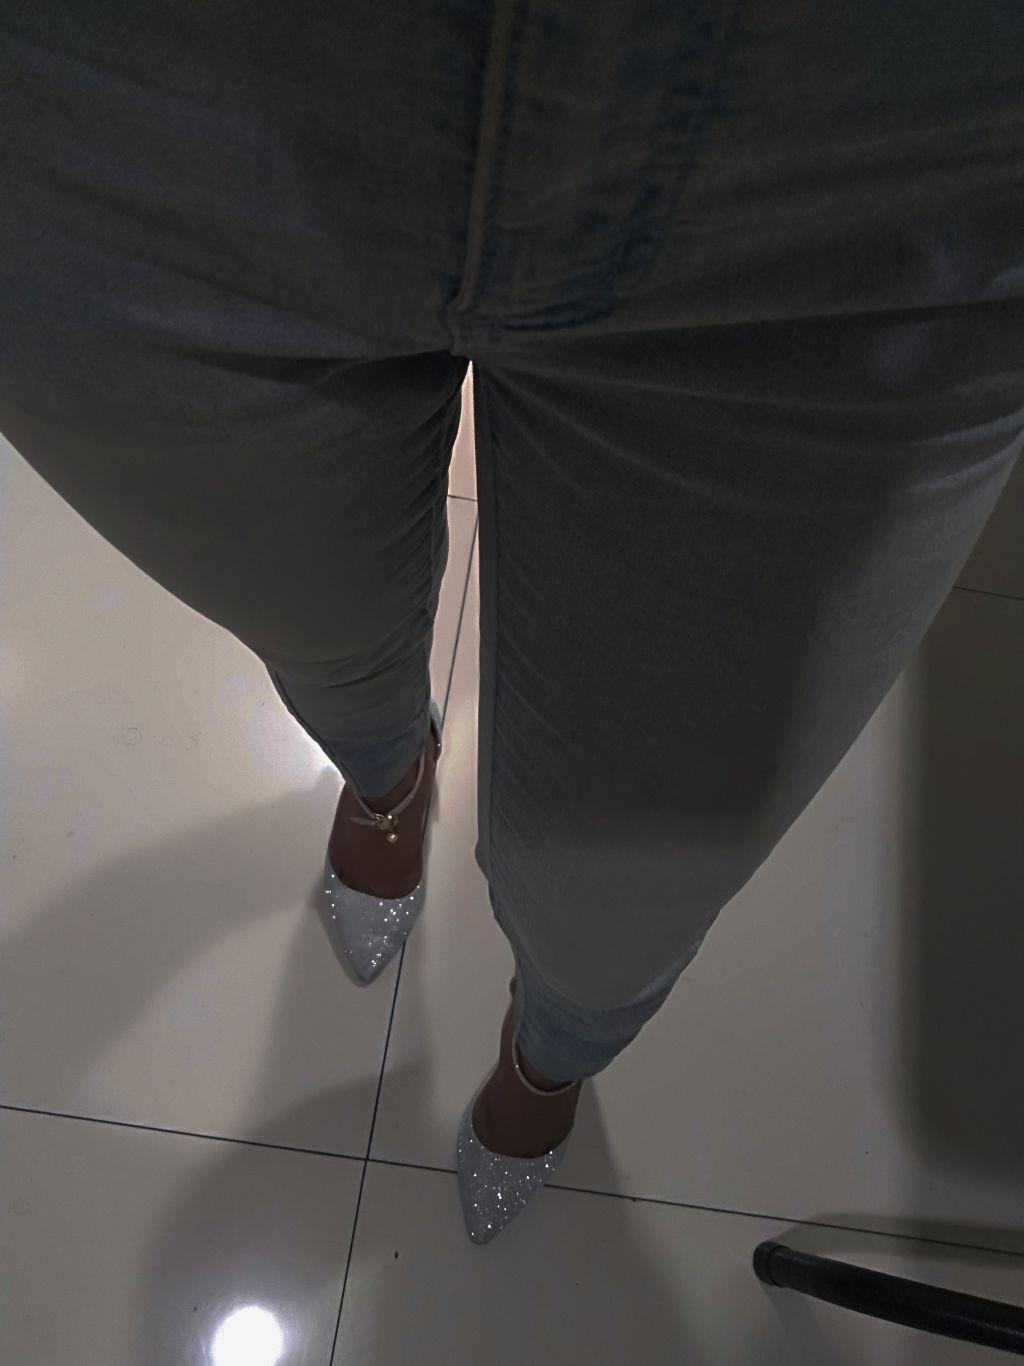 Bling Bling👠✨✨✨ #jeans #stilleto  #fashion #glitter #style #skinnyjeans #darkmode